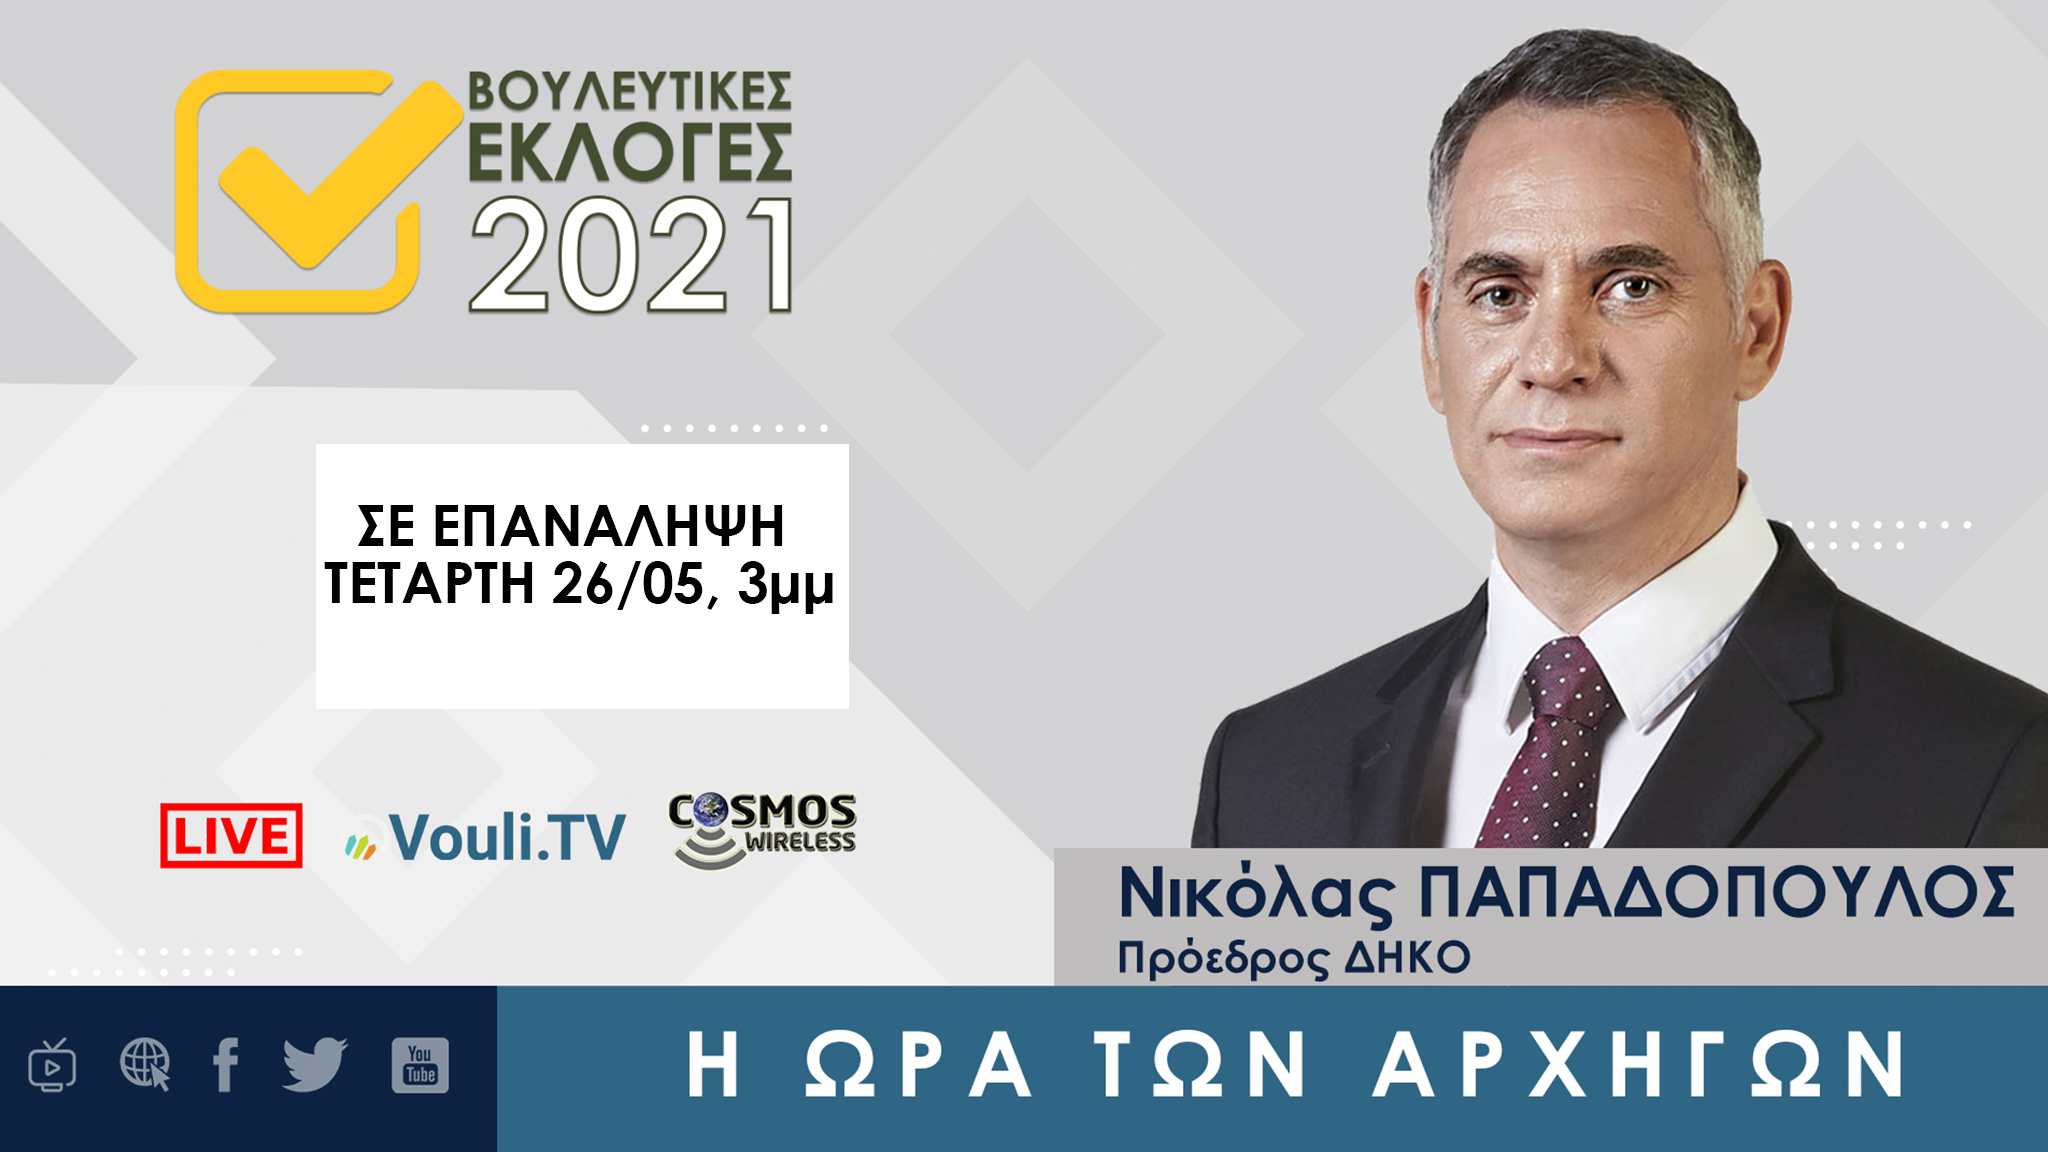 Σε επανάληψη | Εκλογές 2021 - Νικόλας Παπαδόπουλος, Τετάρτη 26/05/2021, 3μμ